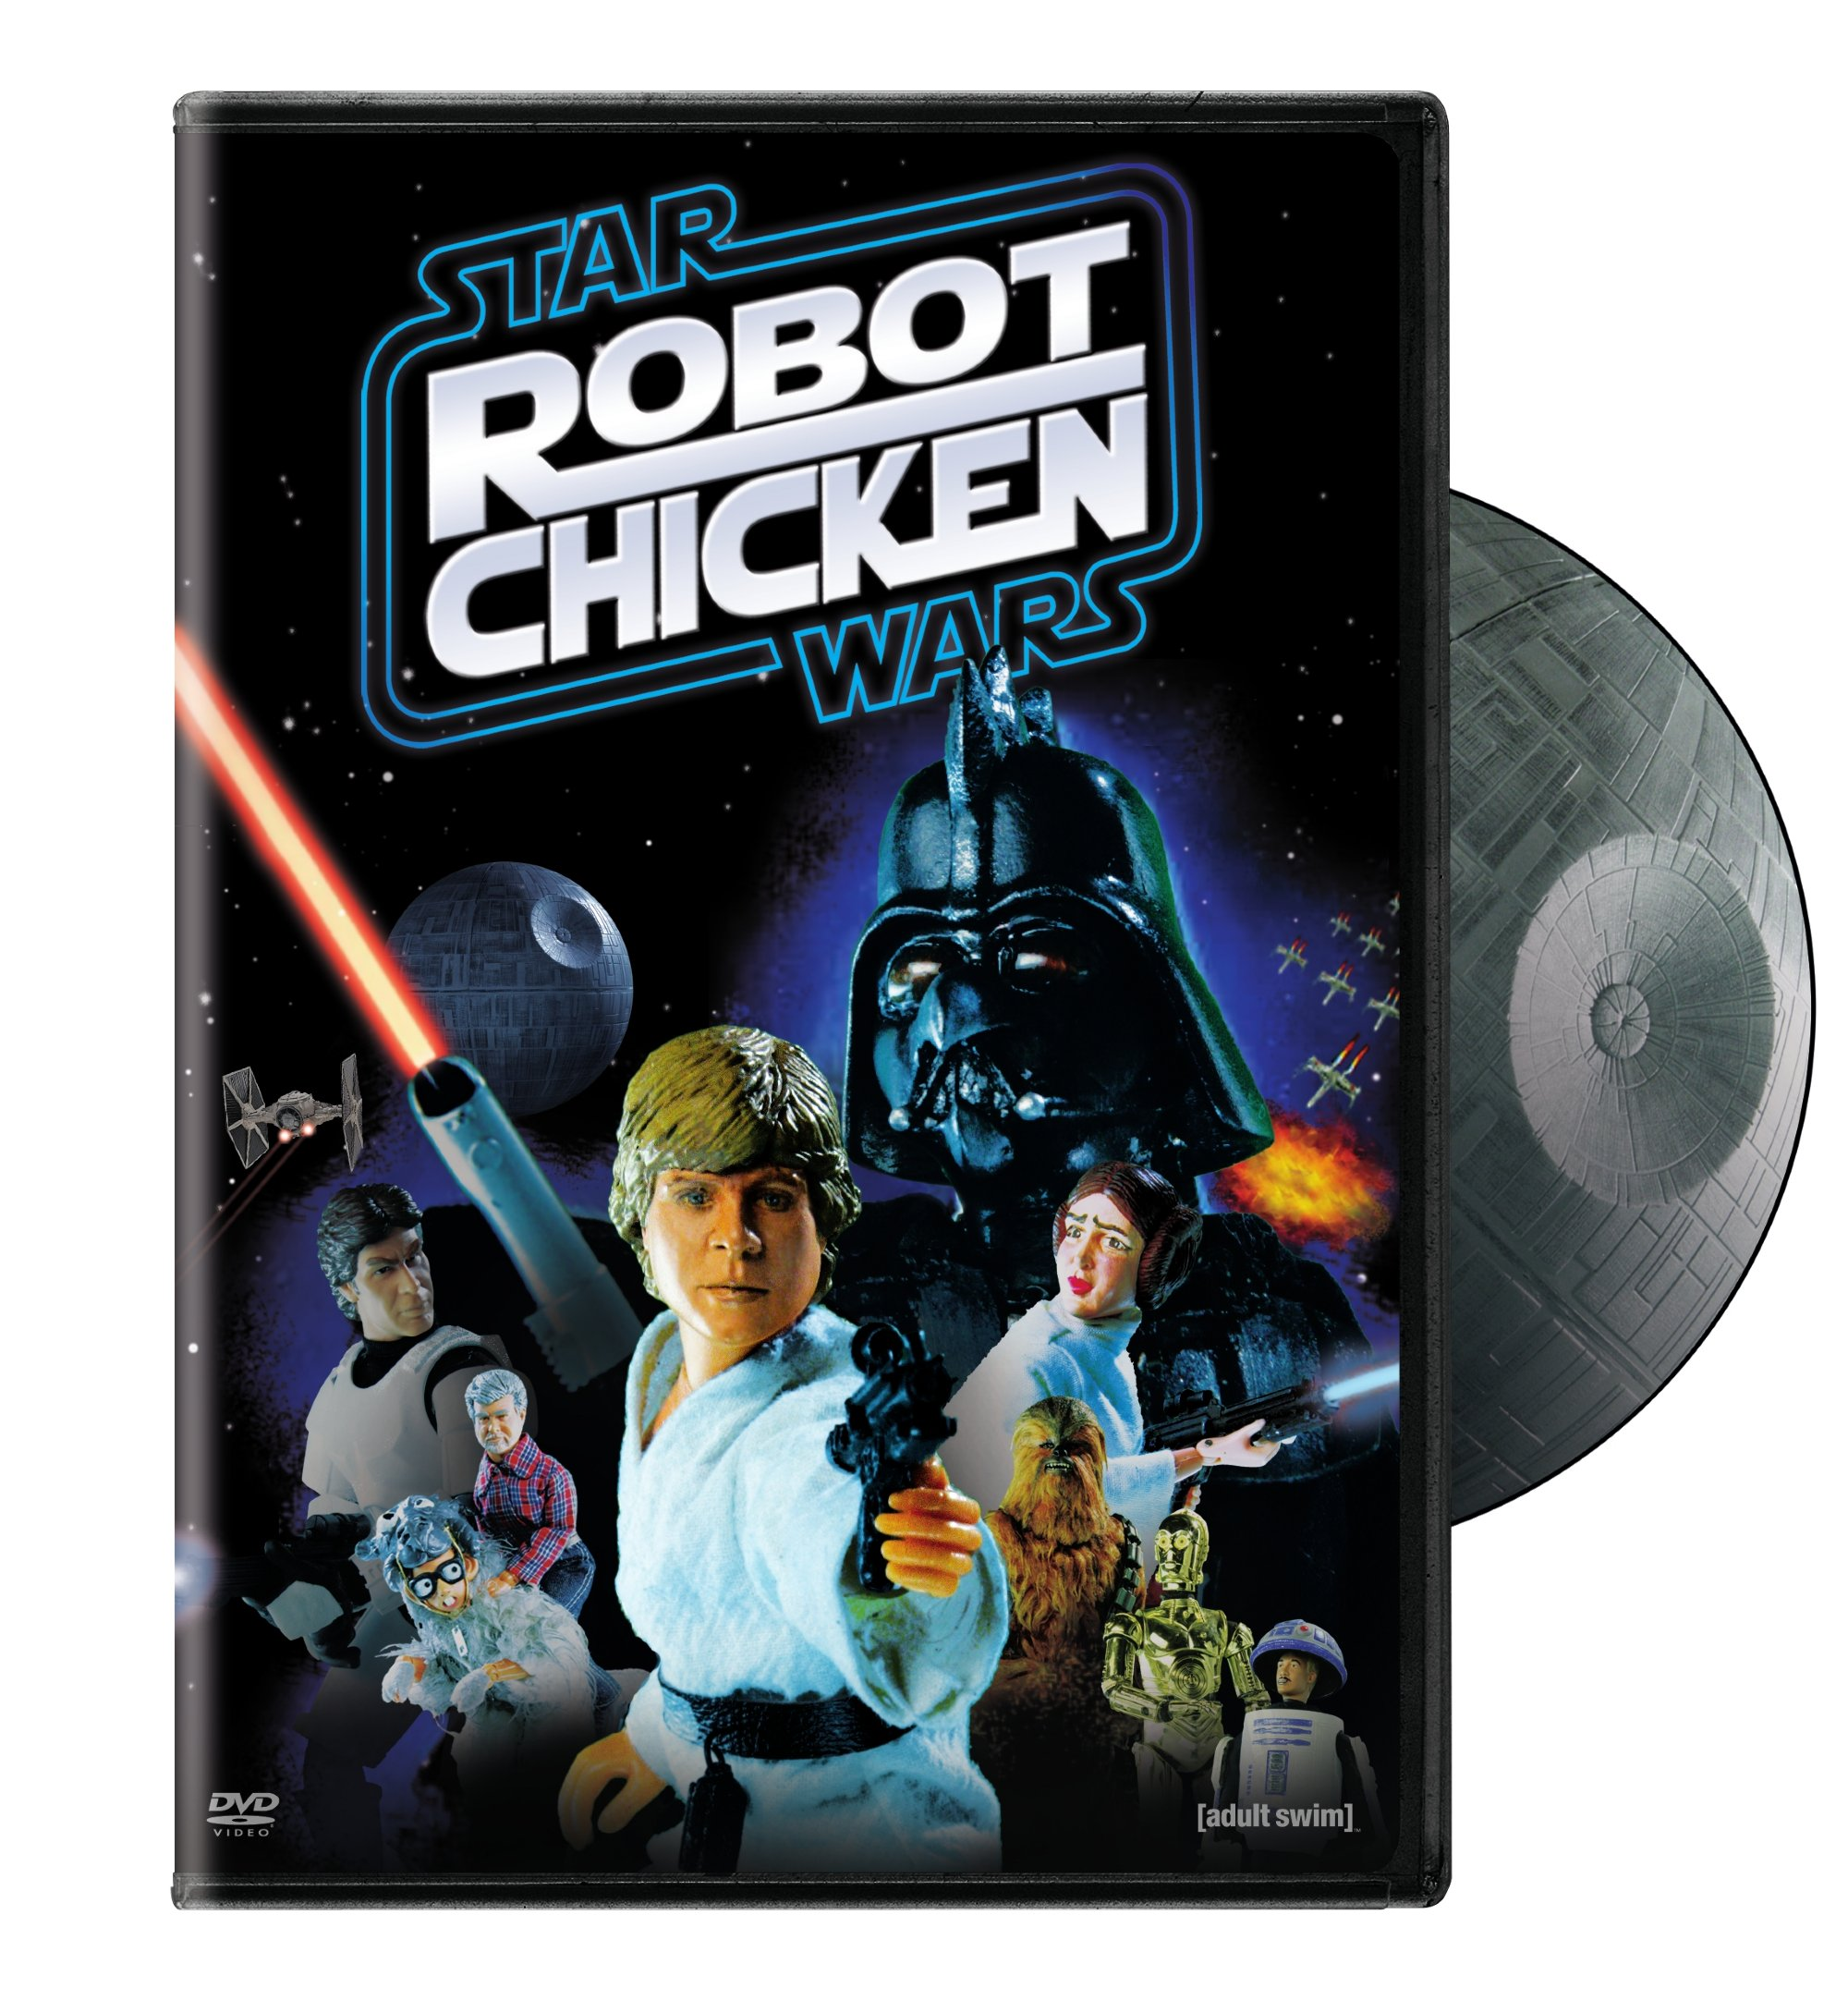 Robot Chicken Star Wars (DVD)